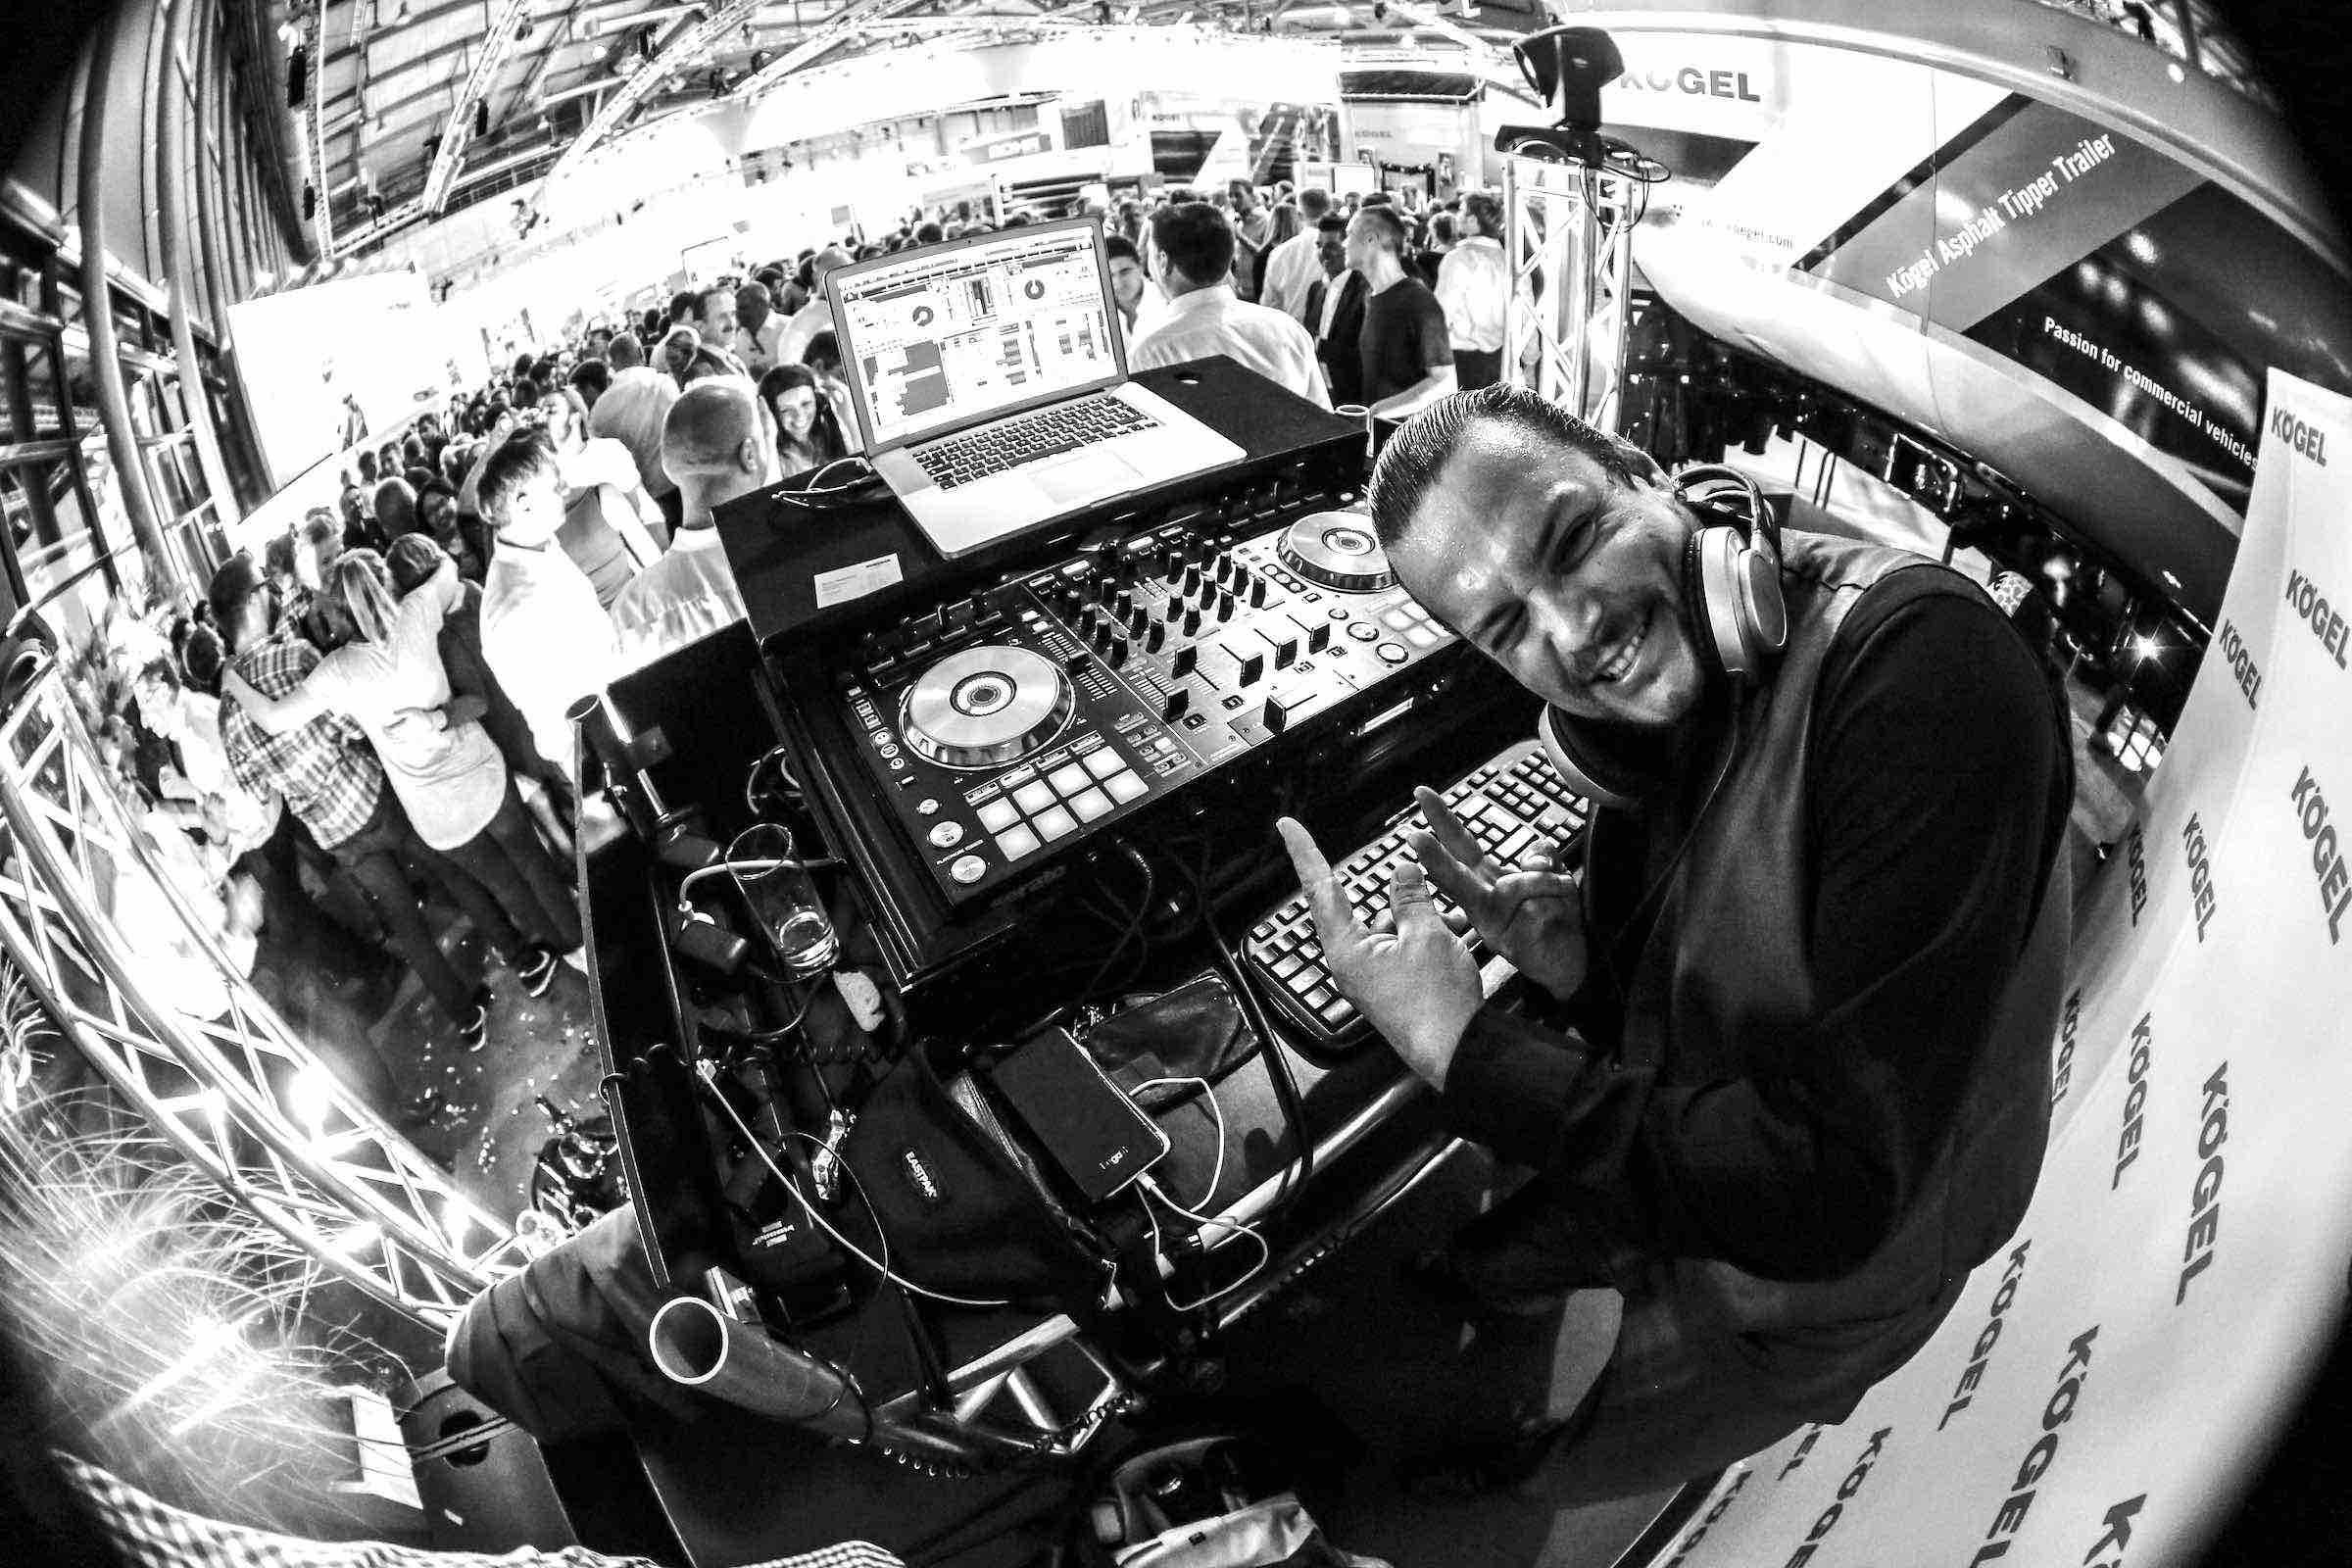 DJ | Firmenfeier | Mieten | DJ | Hamburg | Marco | Kern | DJ | Hochzeit | Messe | DJ | Event | DJ | Geburtstag | DJ | Hamburg | Betriebsfeier | DJ | Buchen | Discjockey | Mieten | DJ | Agentur | DJ | Hamburgfeiert